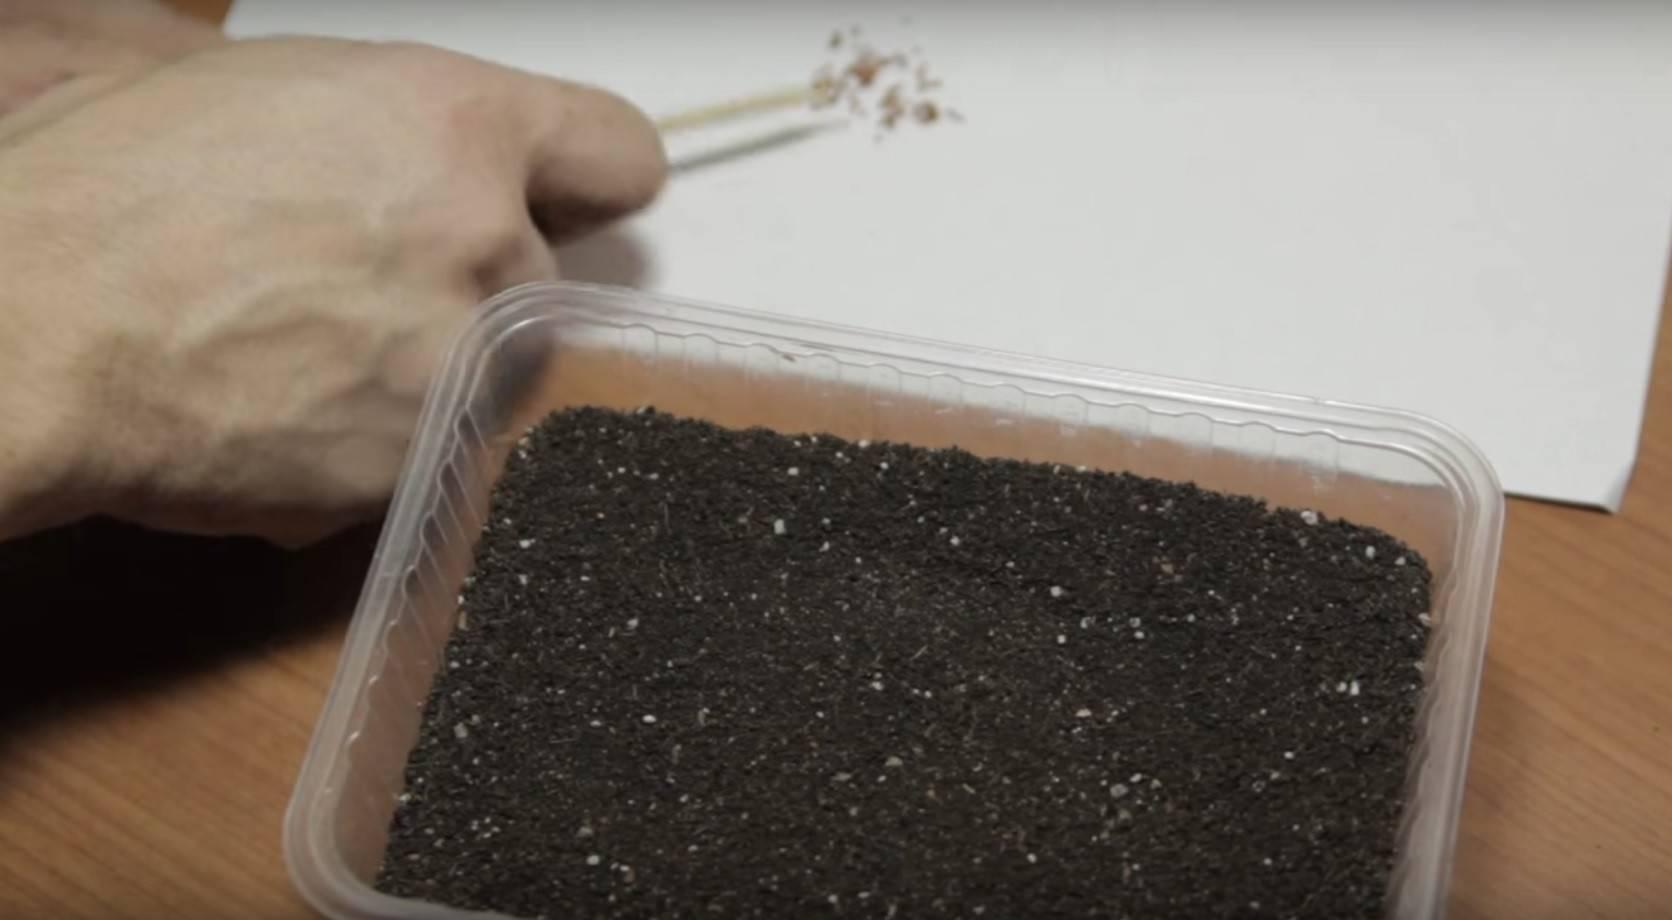 Грунт для кактусов: какая земля нужна для суккулентов? какой состав почвы подойдет для посадки? как сделать субстрат своими руками?